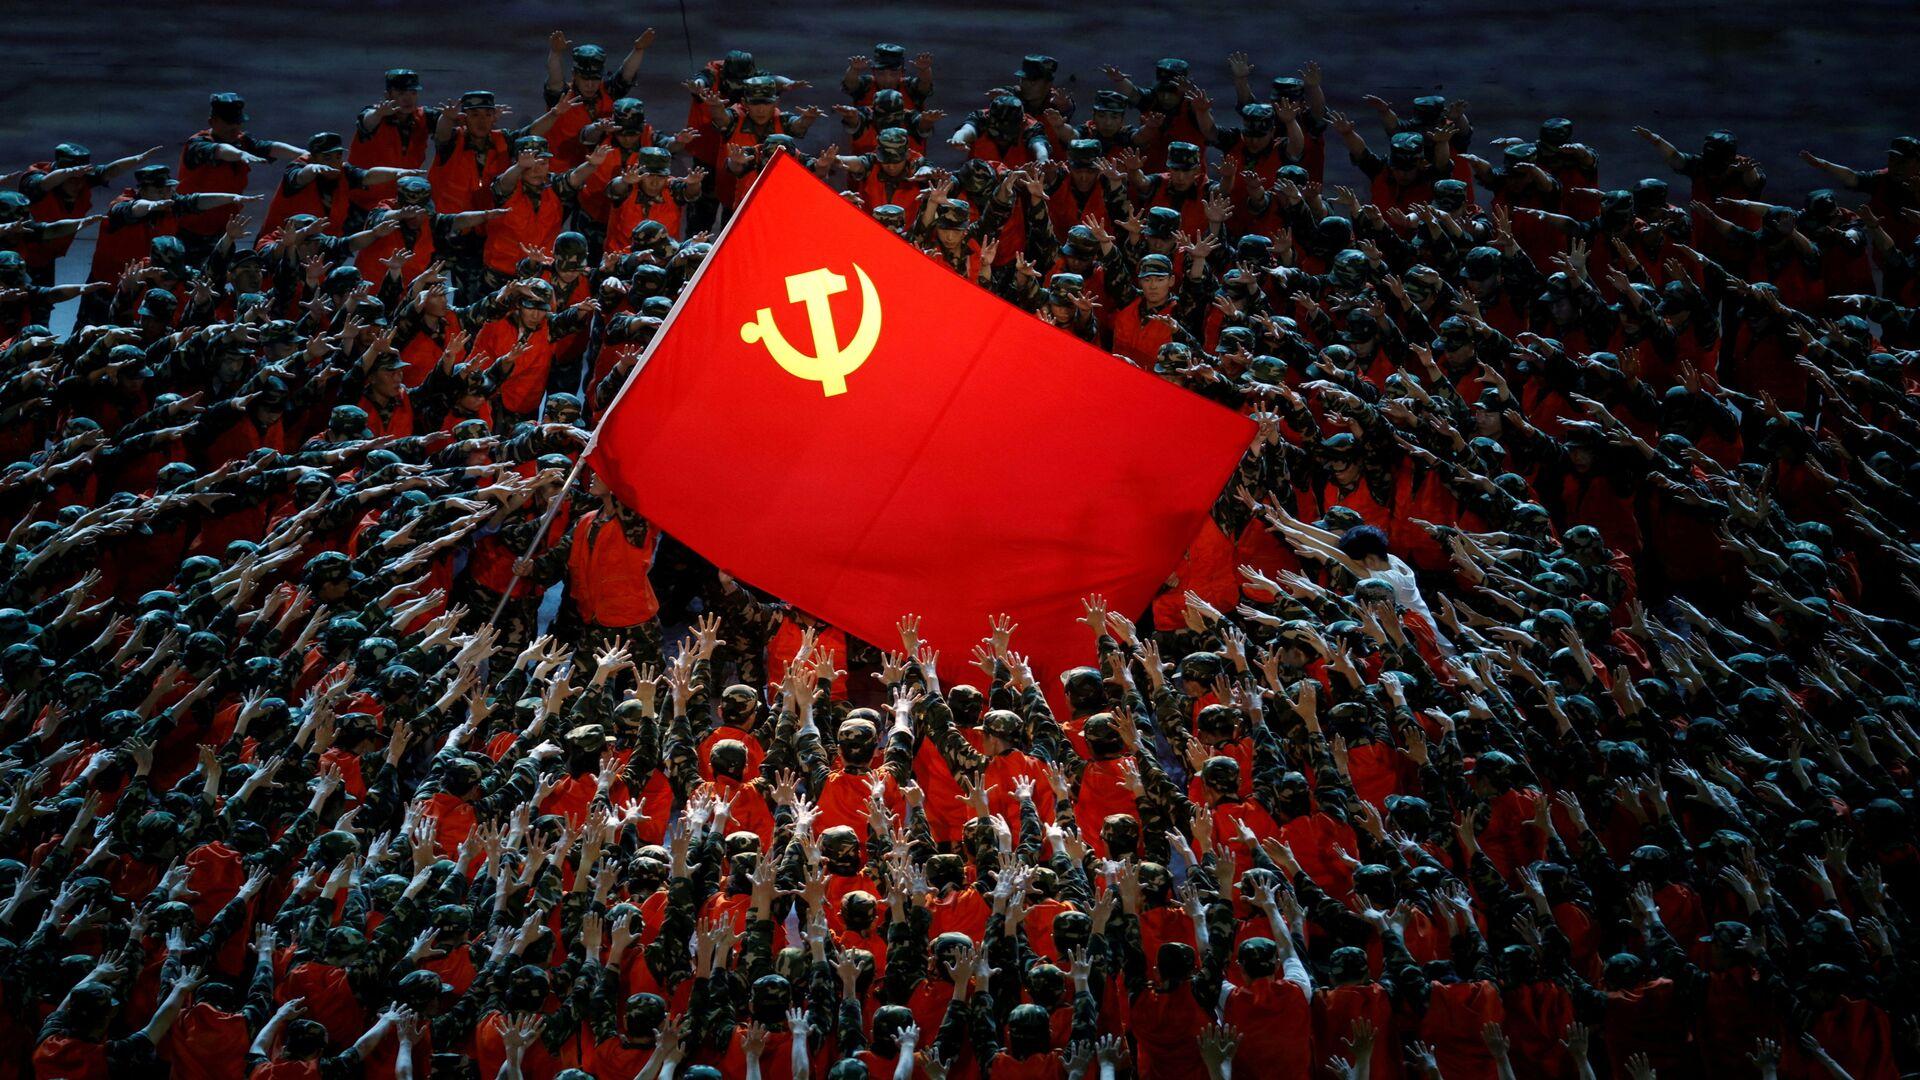 Buổi biểu diễn kỷ niệm 100 năm Đảng Cộng sản Trung Quốc tại Bắc Kinh - Sputnik Việt Nam, 1920, 27.09.2021